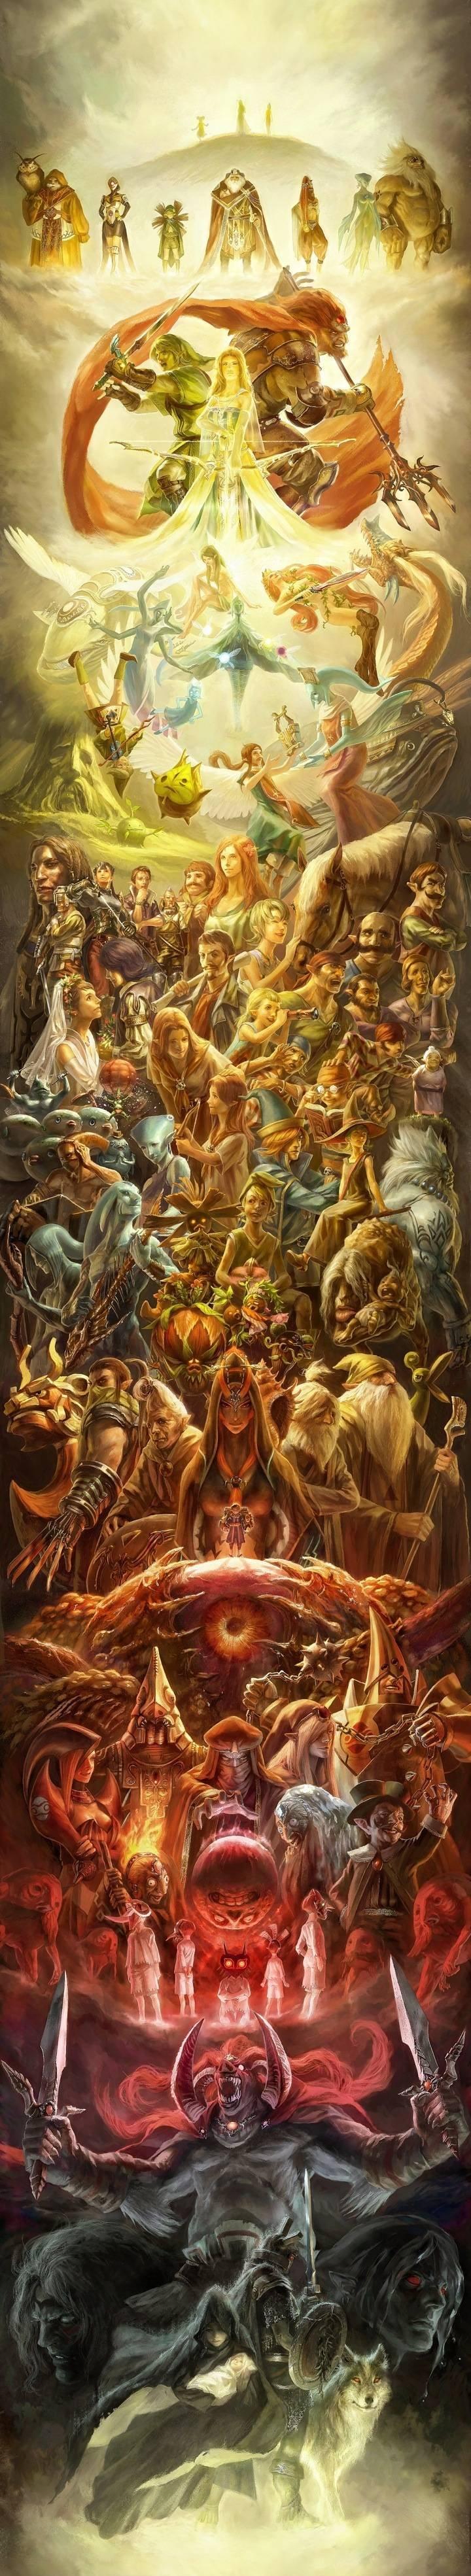 Legends of Hyrule. Like alternative art? Come on over here!!==> .. Link and Zelda dump. Legends of Hyrule Like alternative art? Come on over here!!==> Link and Zelda dump